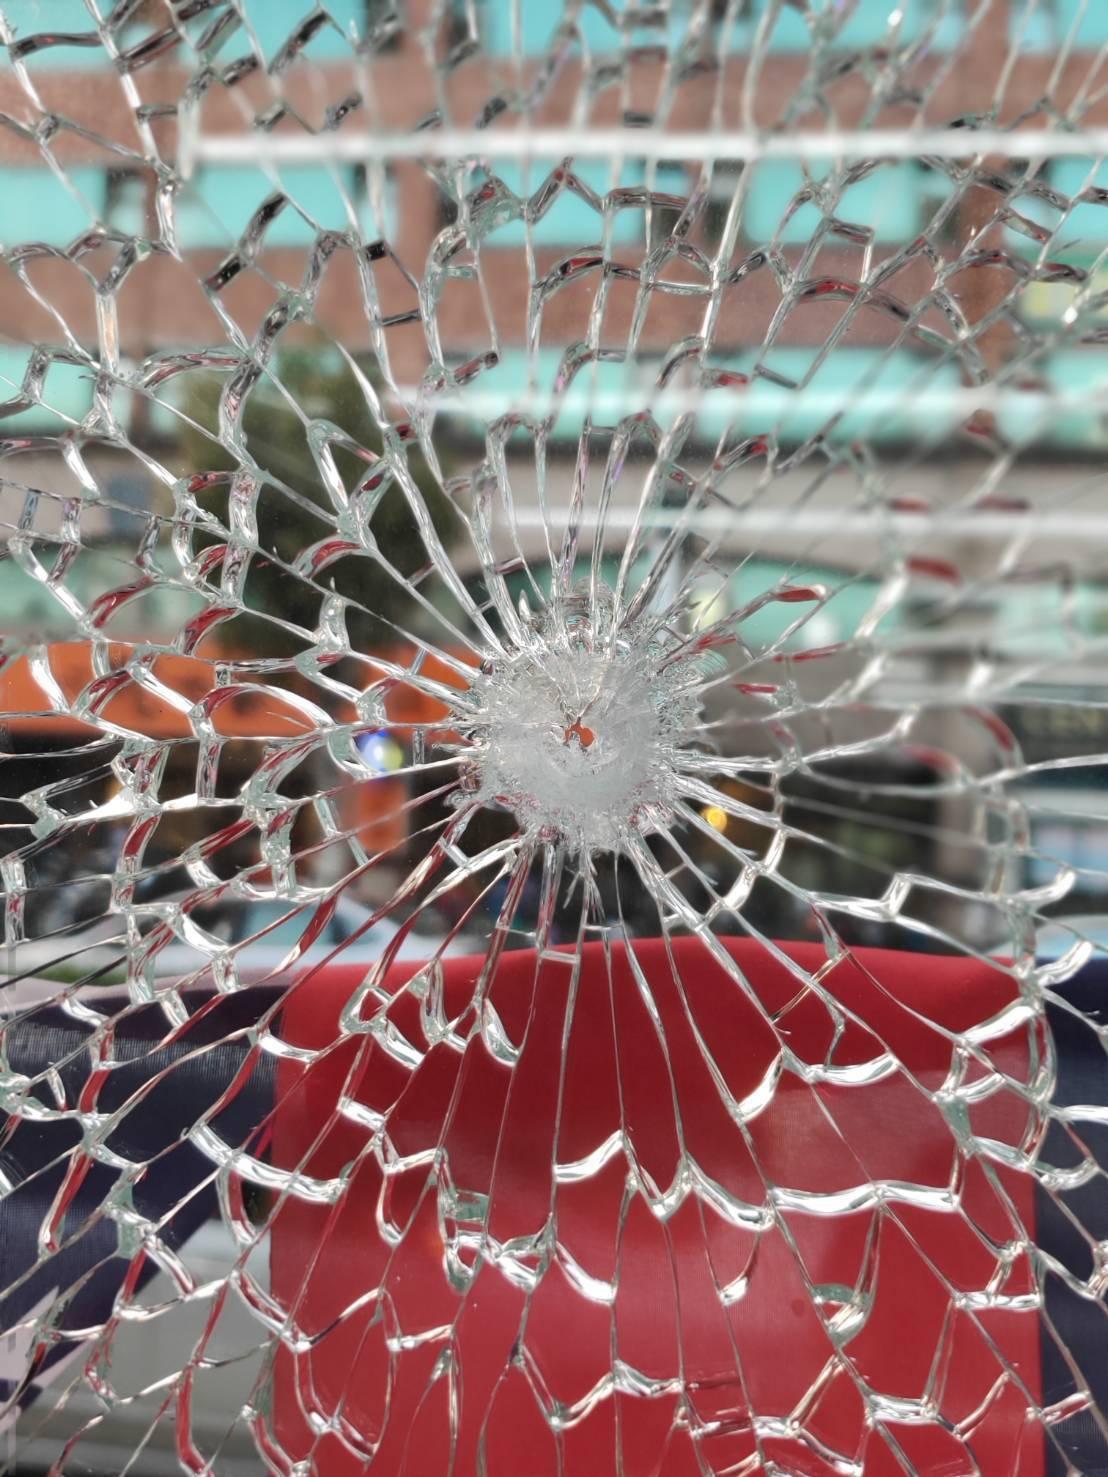 中坜议员刘安棋服务处玻璃墙,遭空气枪击碎,且留下弹孔。图/刘安祺服务处提供